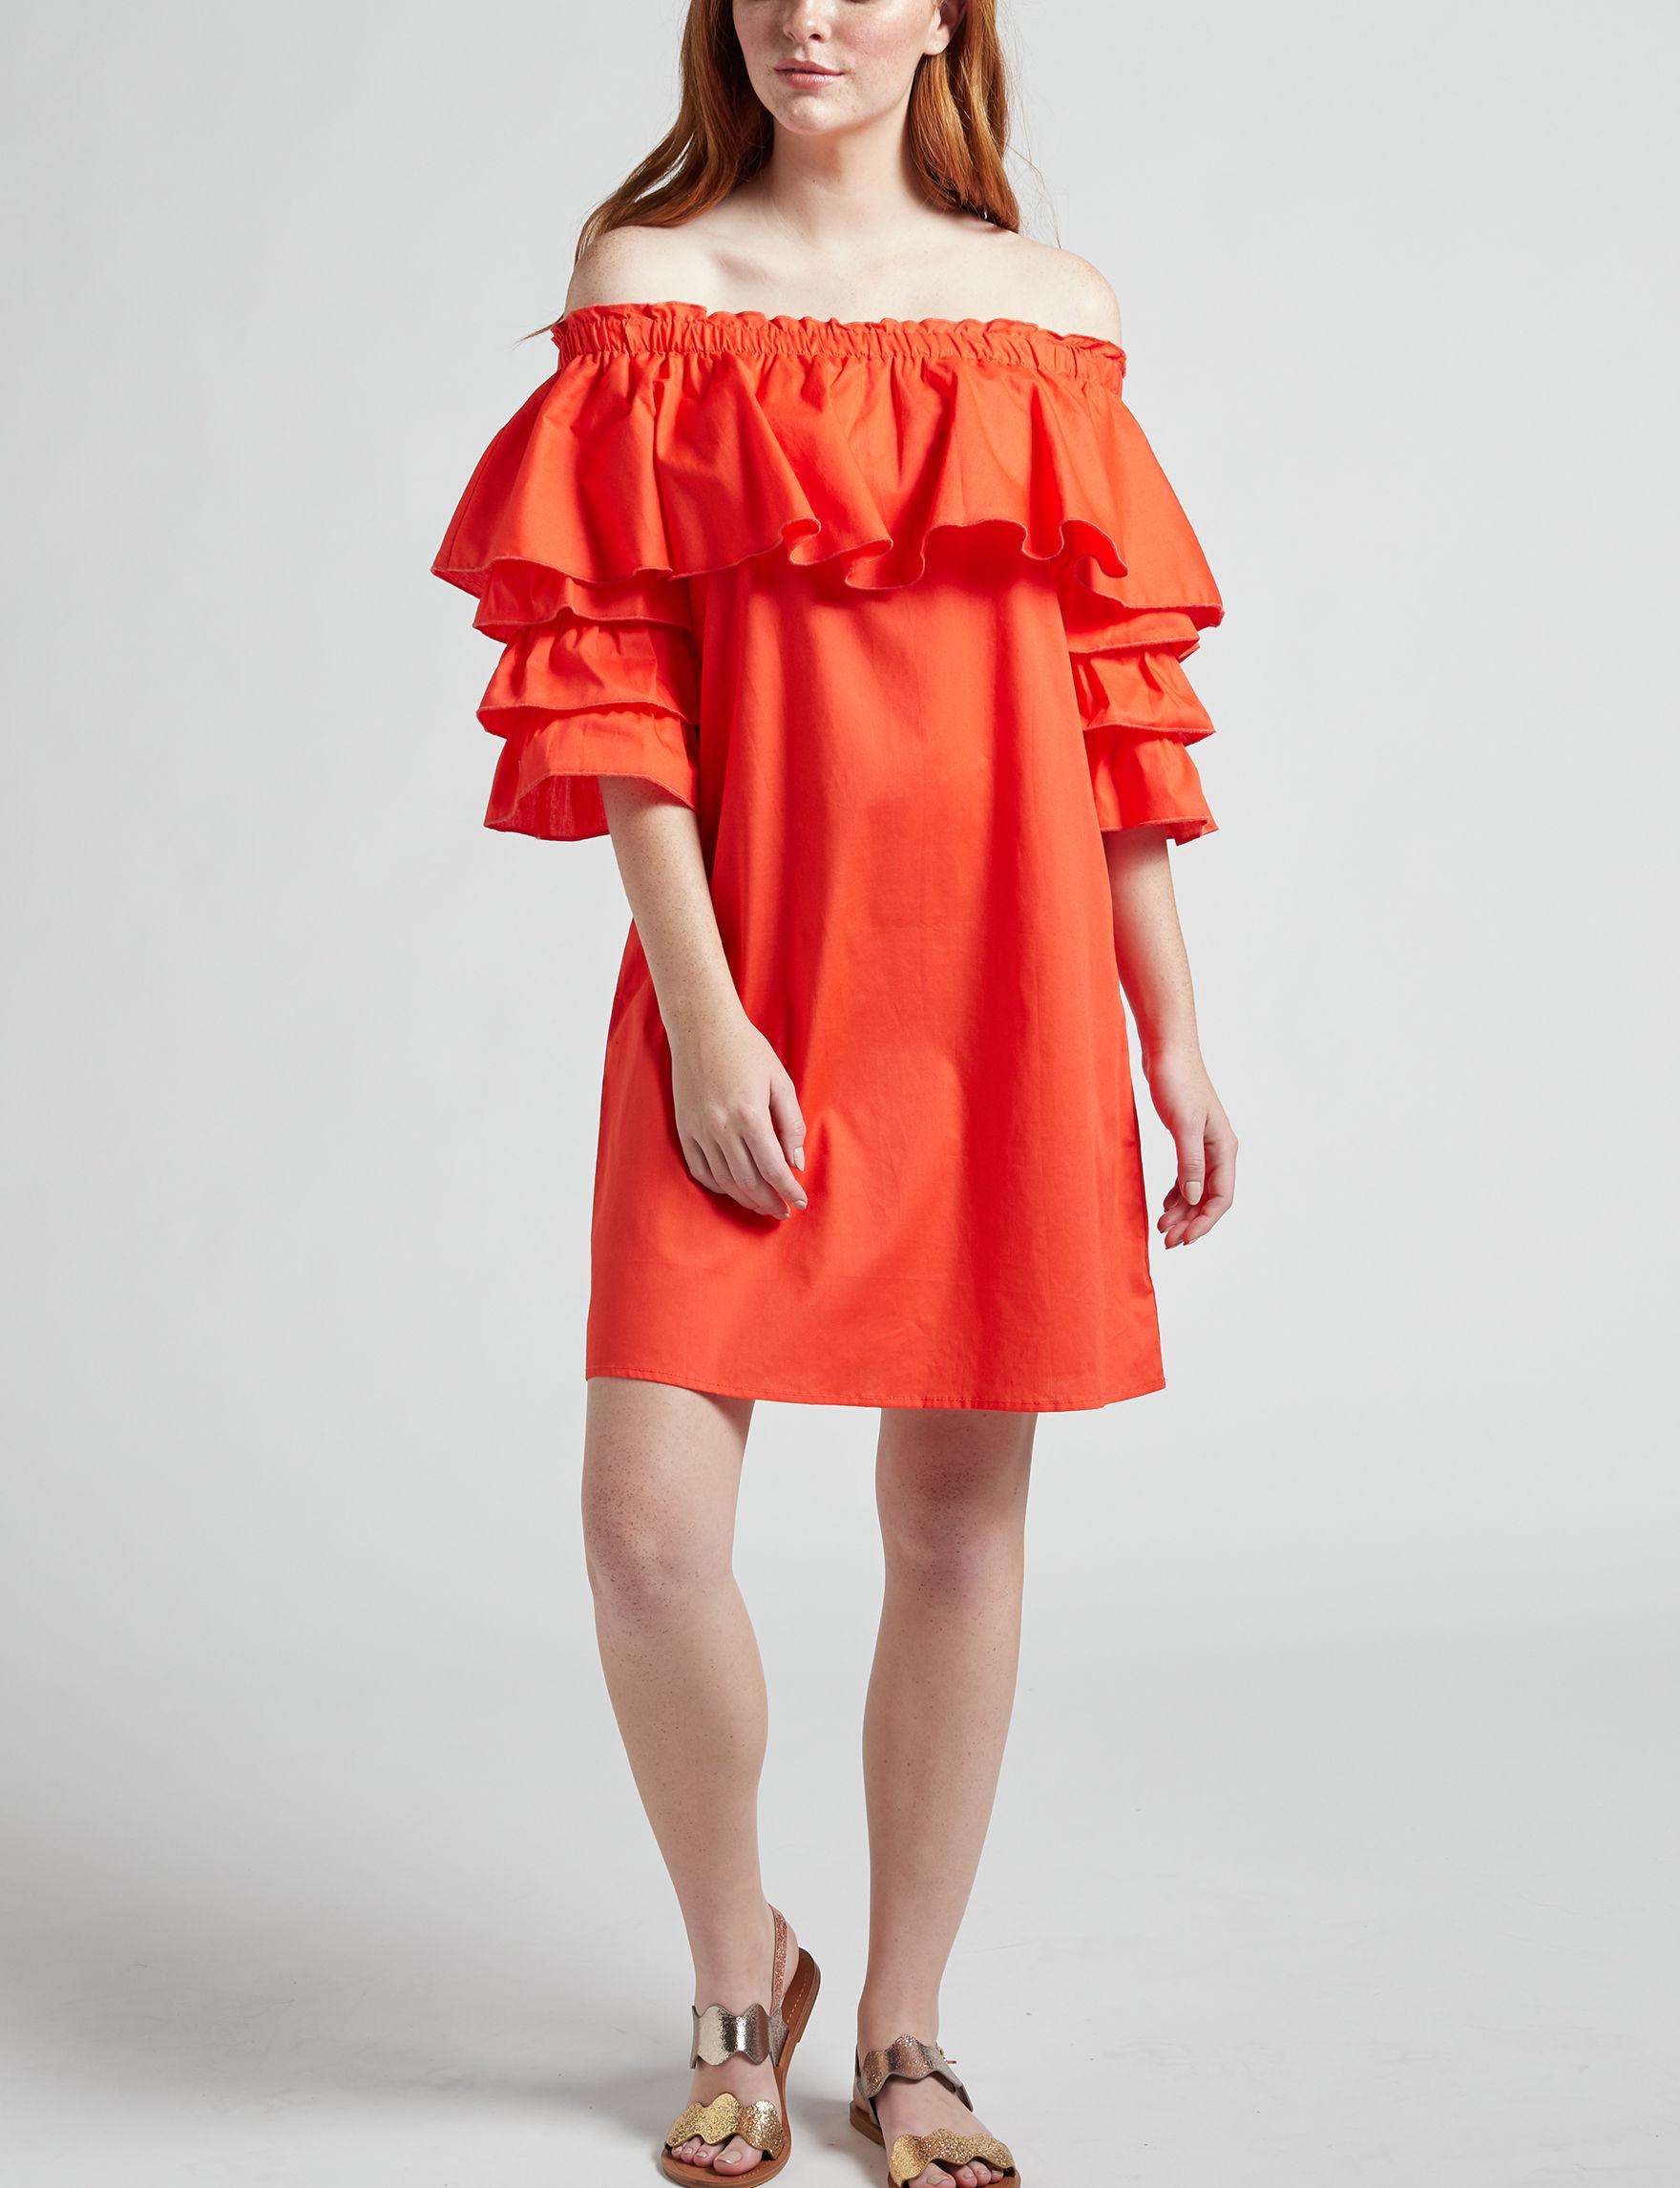 Signature Studio Coral Shift Dresses